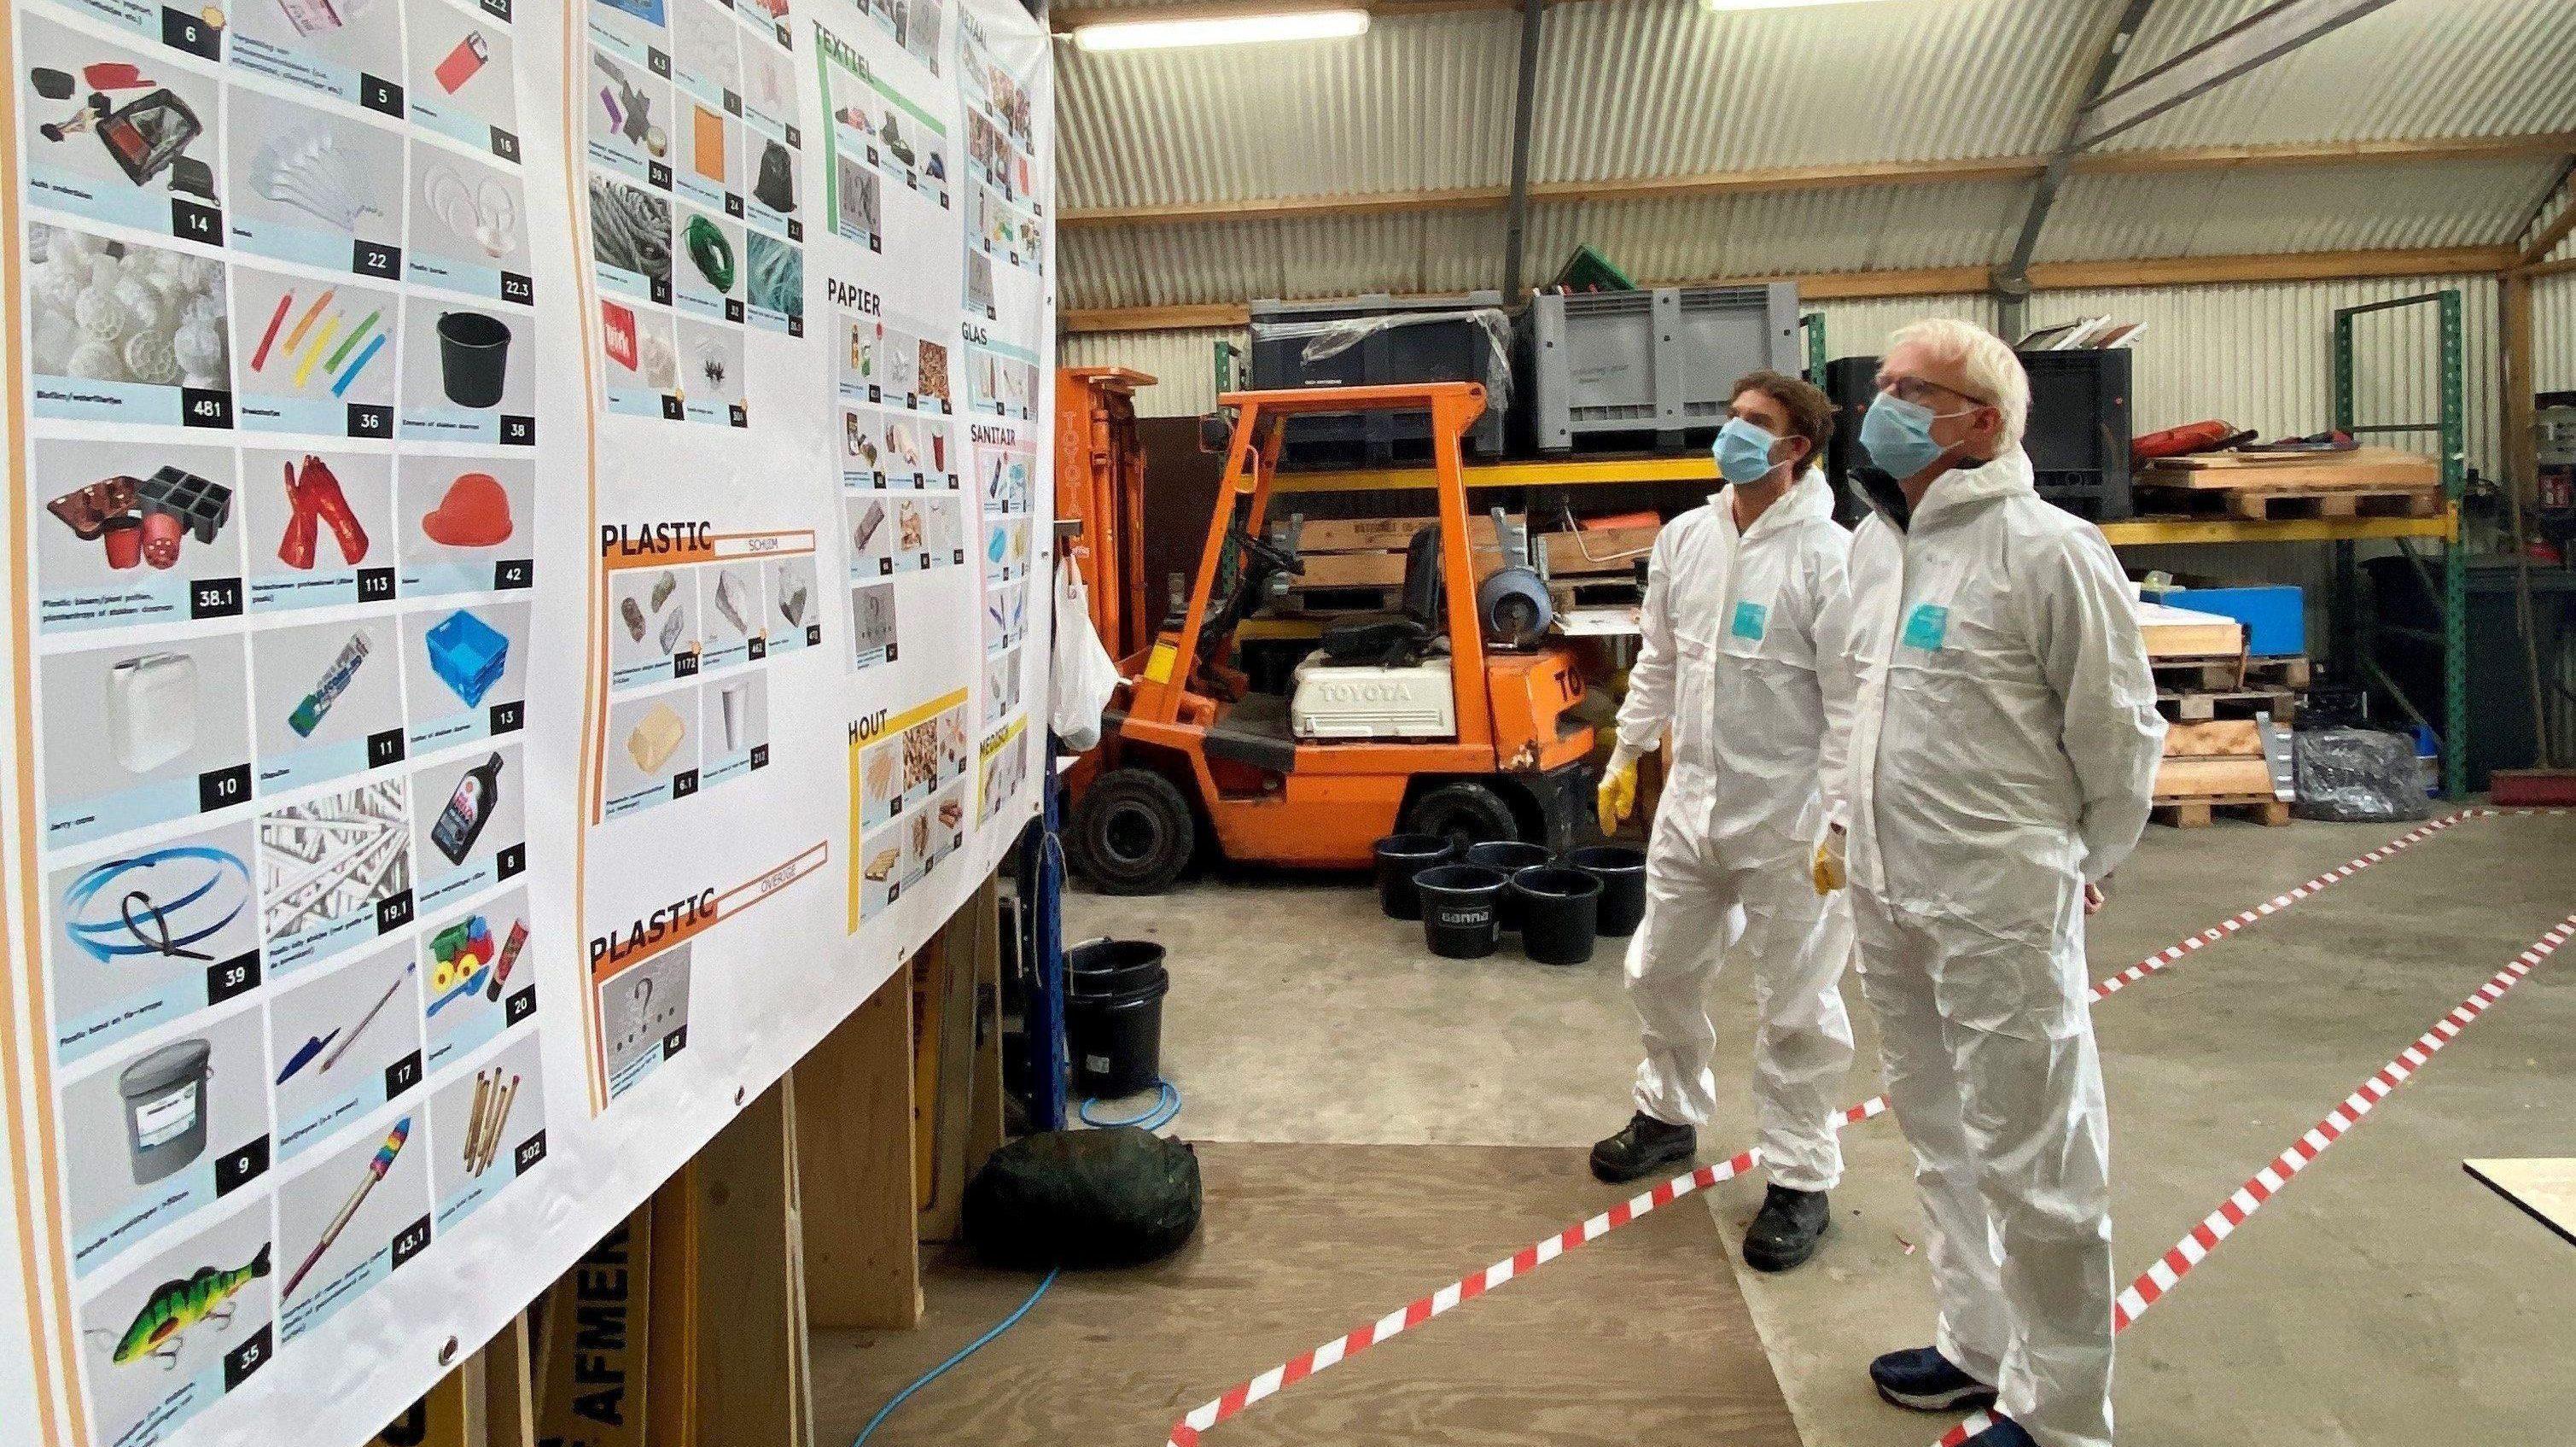 Twee mannen in witte beschermingspakken en mondkapjes bekijken een groot bord aan de muur met daarop afbeeldingen van plastic voorwerpen